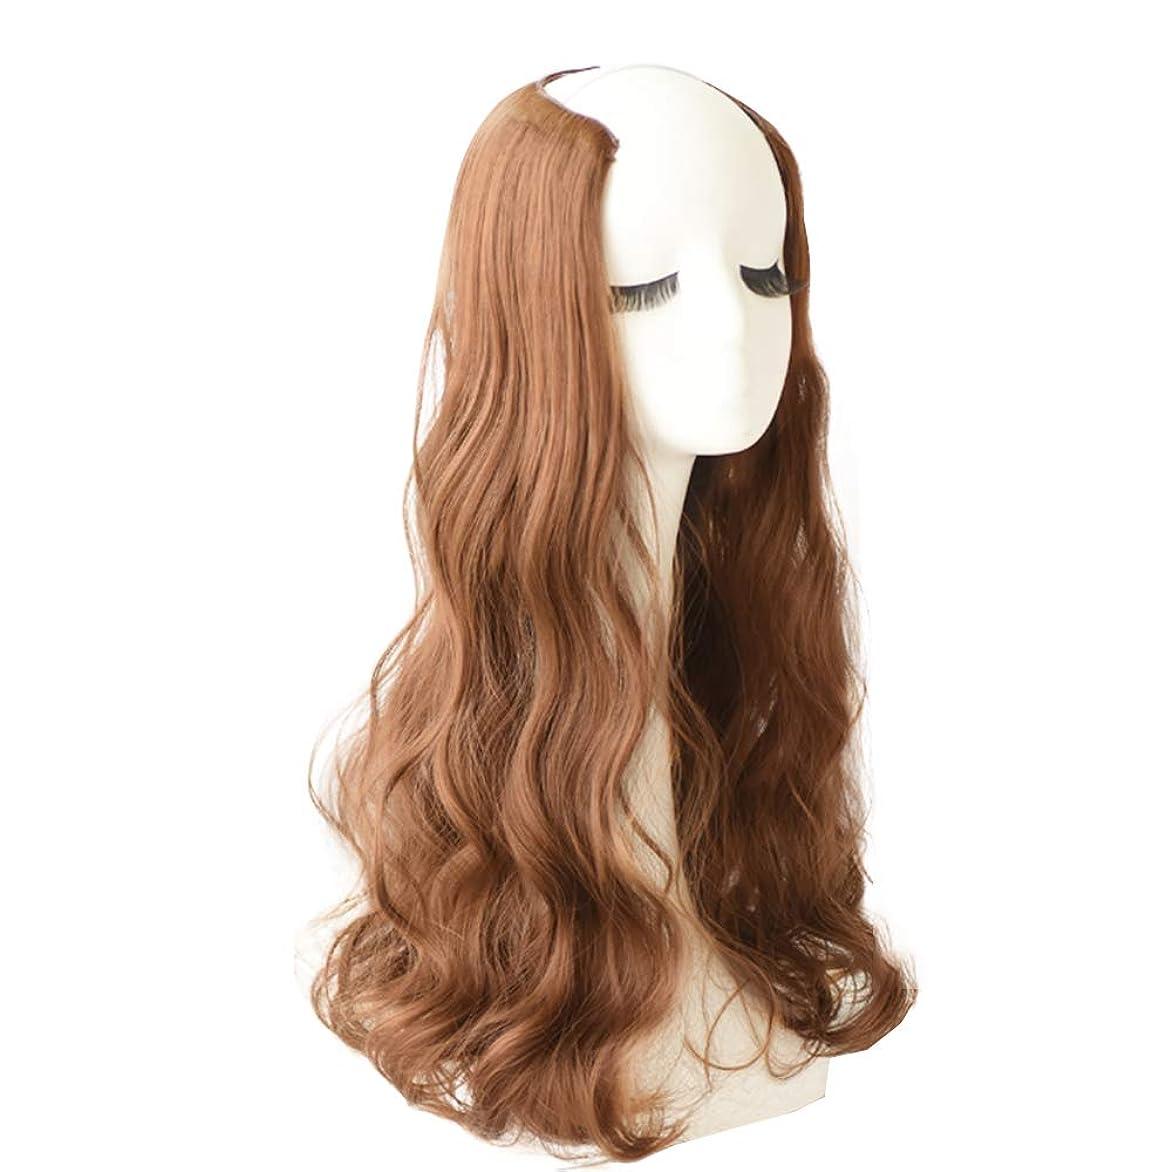 道パワーバケットフルヘッドカーリーウェーブインエクステンションヘアピース女性用新Vタイプヘアエクステンション小さいサイズと、頭皮の通気性が強い